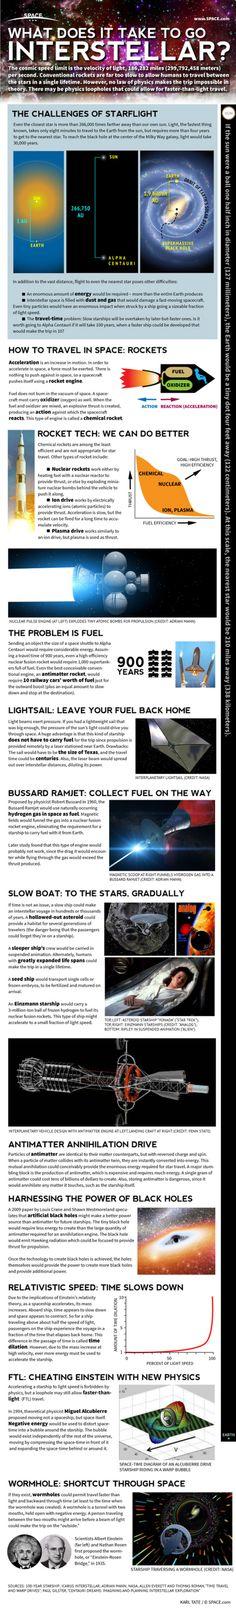 O Trailer Completo de Interstellar Revela A Nave Que Será Usada Na Busca De Um Novo Planeta Para a Humanidade  -  http://bit.ly/1vxwa5D